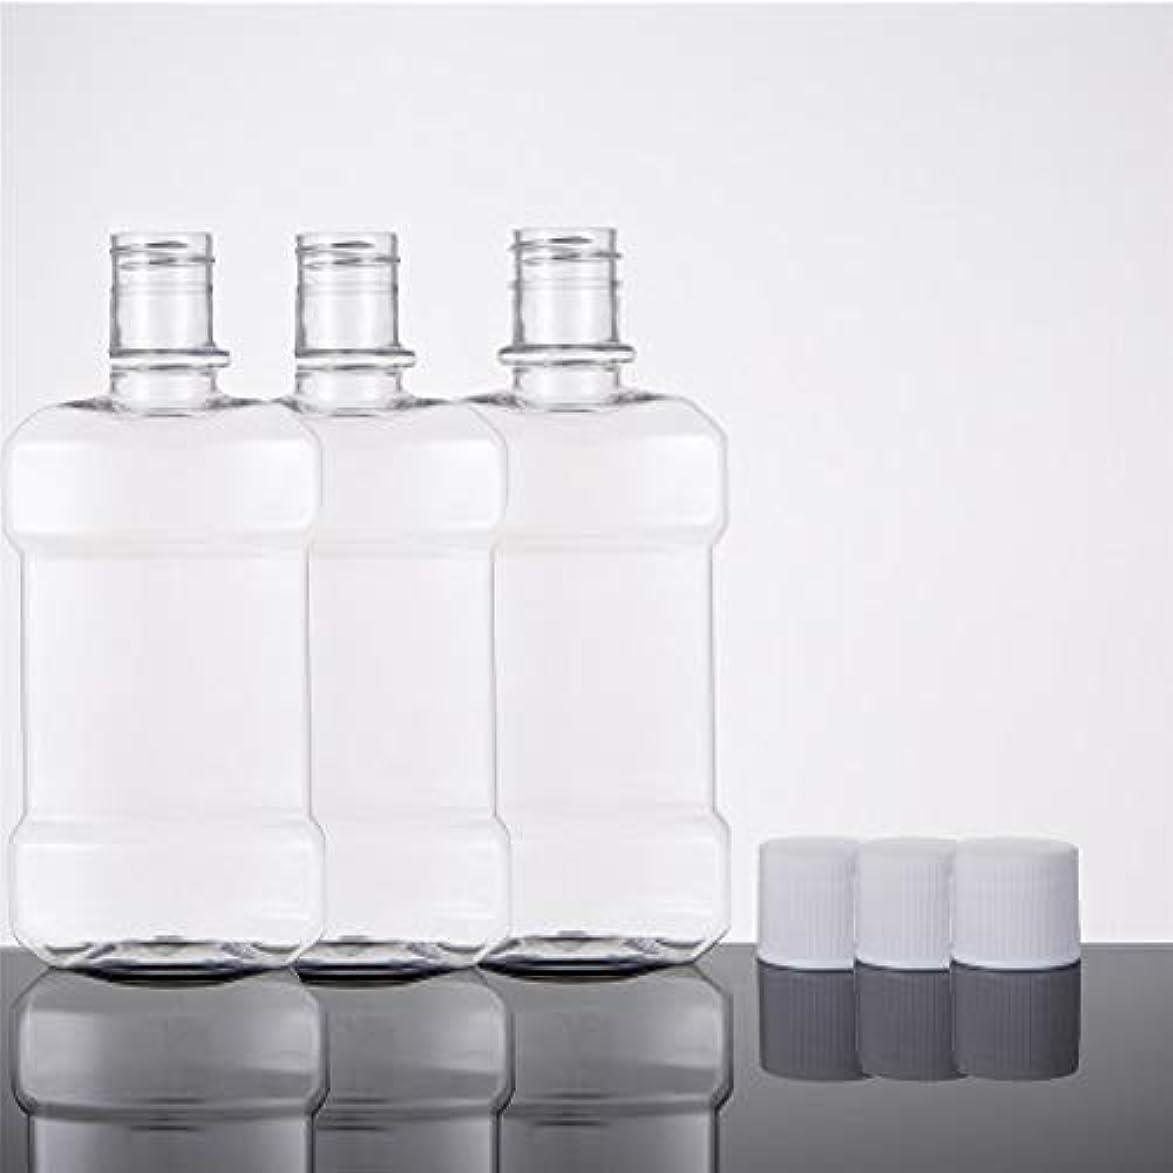 コントロールローズレポートを書くSHKI マウスウォッシュ専用詰め替えボトル 250ml*3個 空ボトル 3個セット 持ち運び便利